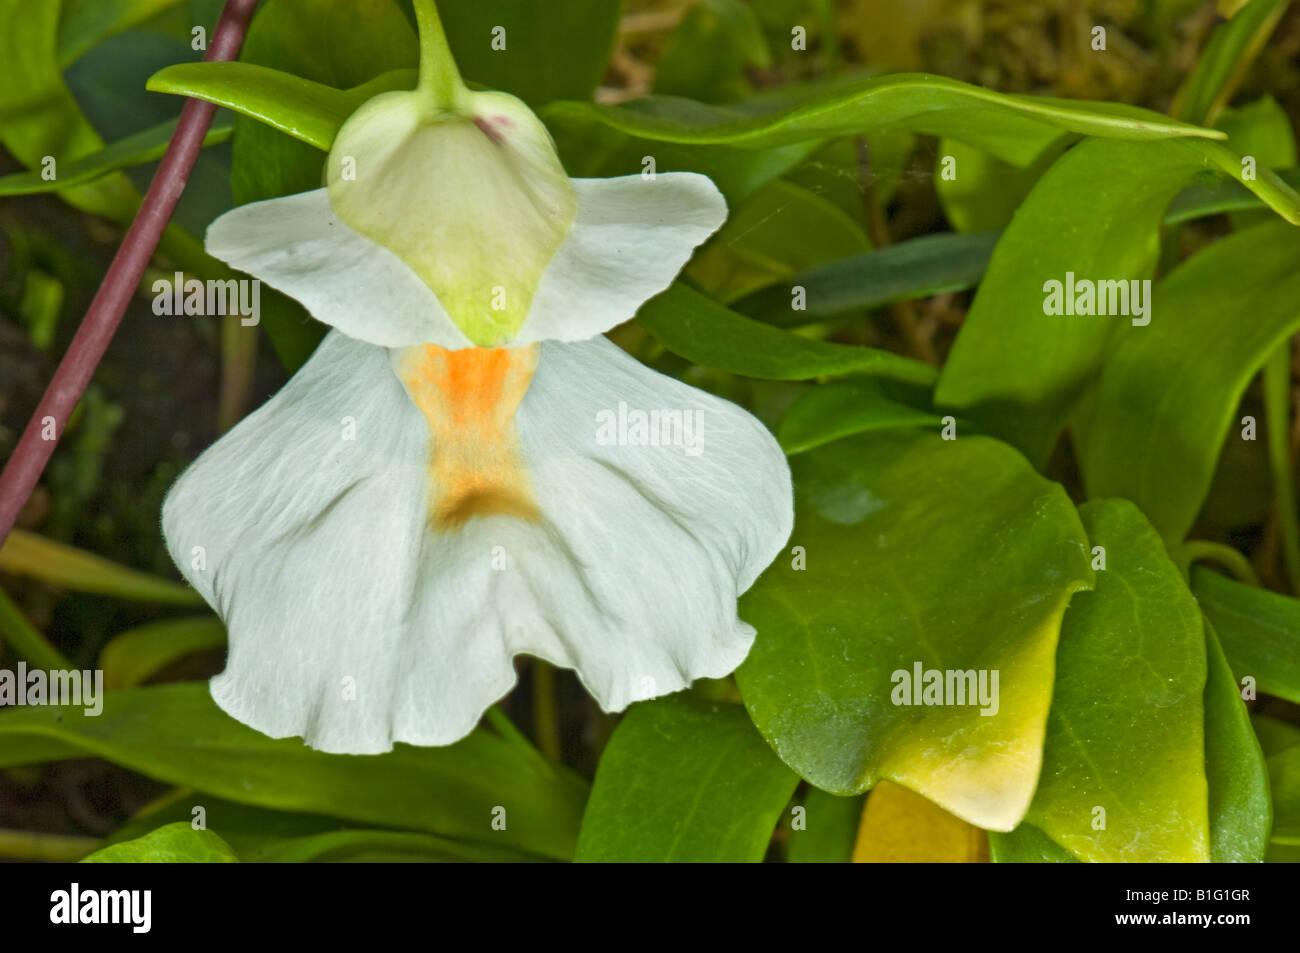 L'UTRICULARIA alpina Lentibulariaceae Antillen antilles plante vivace épiphyte carnivore carnivore tabliers fées f Banque D'Images